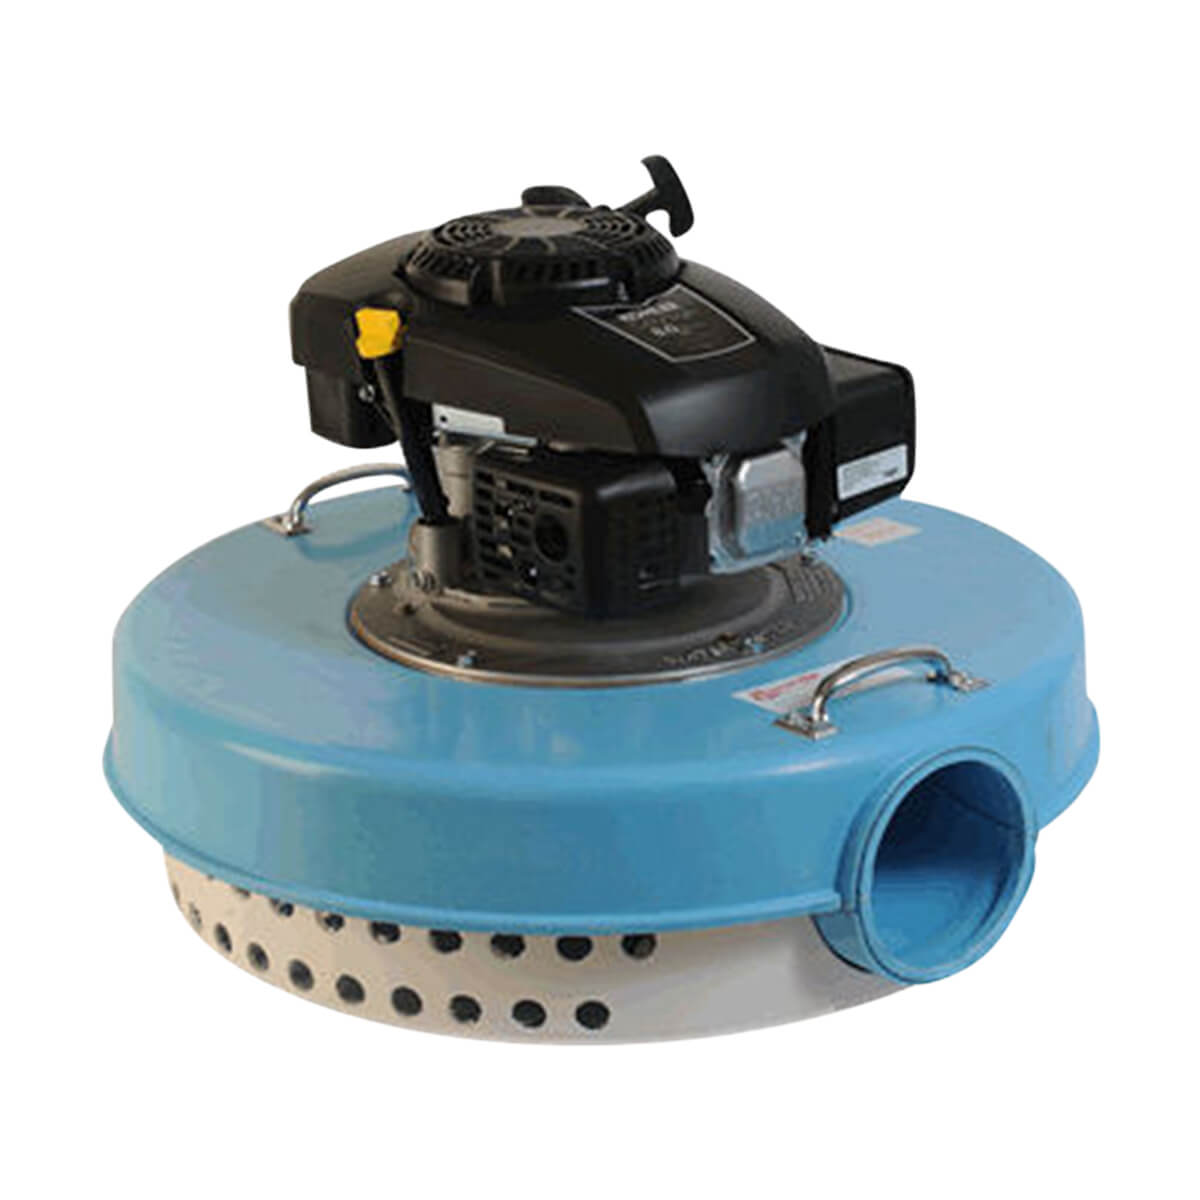 Watermaster Portable Floating Pump